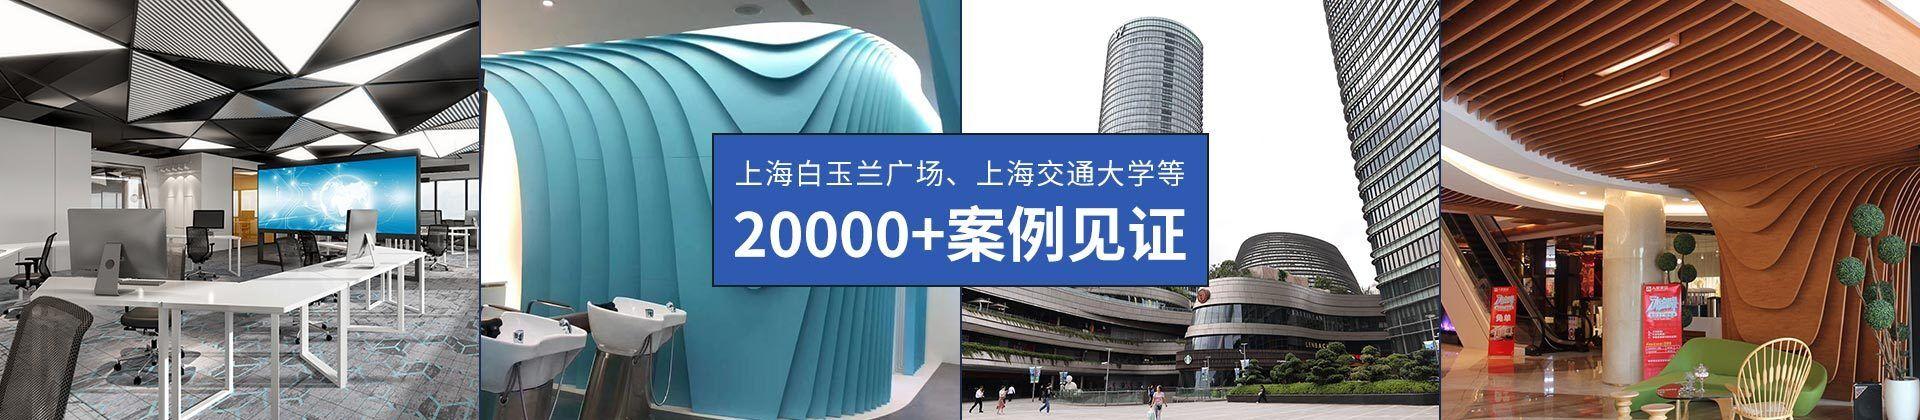 中沪世业20000+案例见证